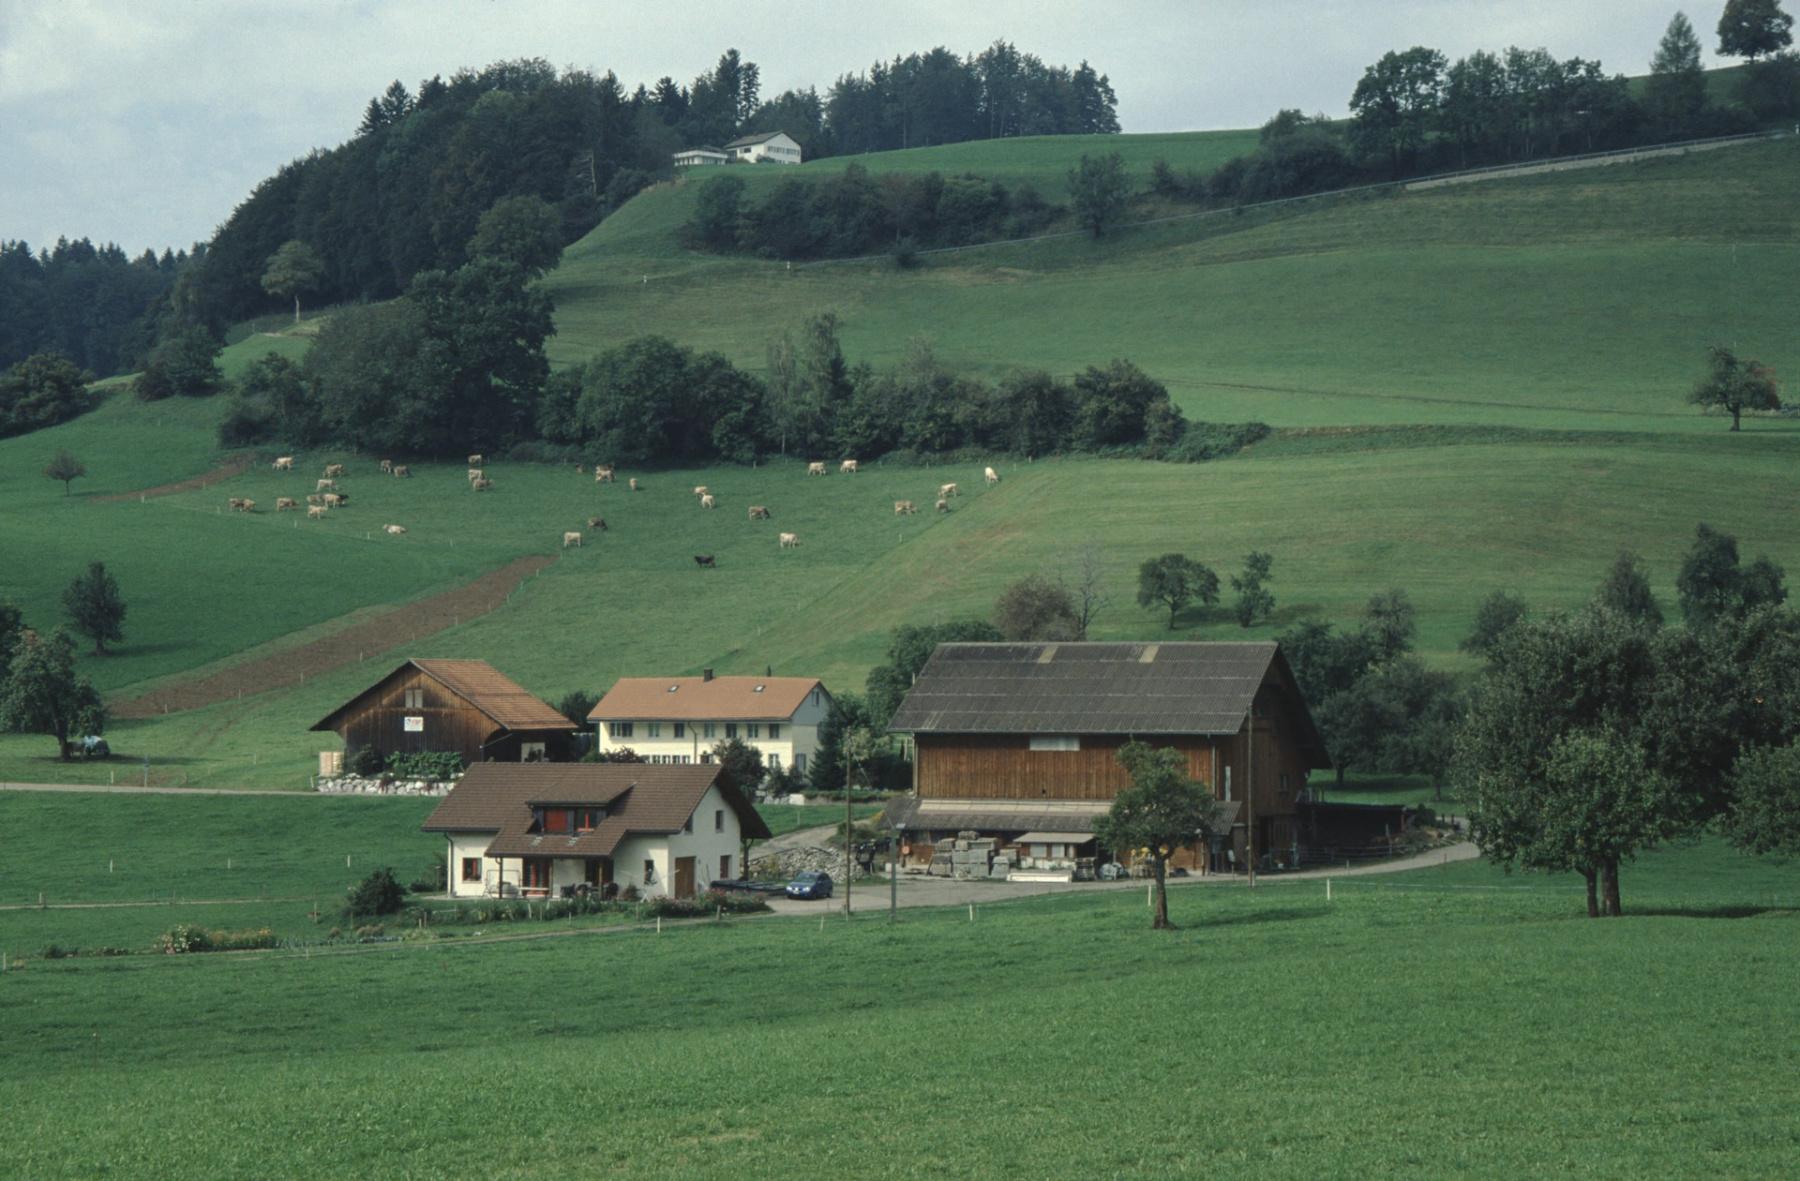 Bettswil - Allenberg, imVG Riethof von Ernst Meier, ennet der Strasse Haus Flückiger